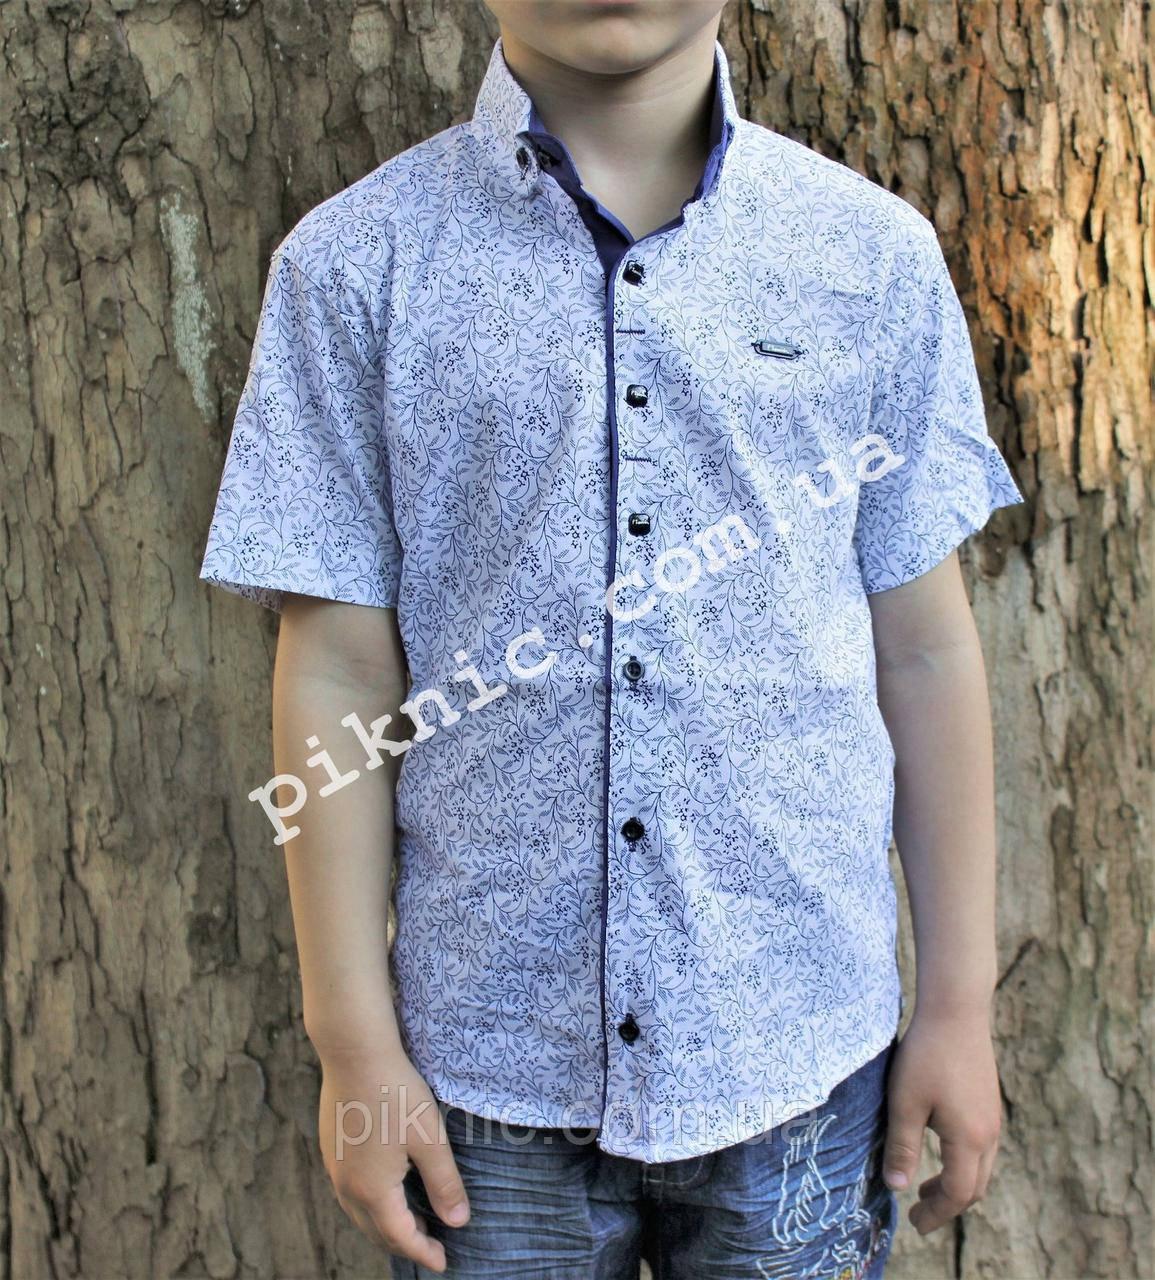 Рубашка школьная для мальчиков 8-9, 14-15 лет. Короткий рукав, детская, Турция. Белая